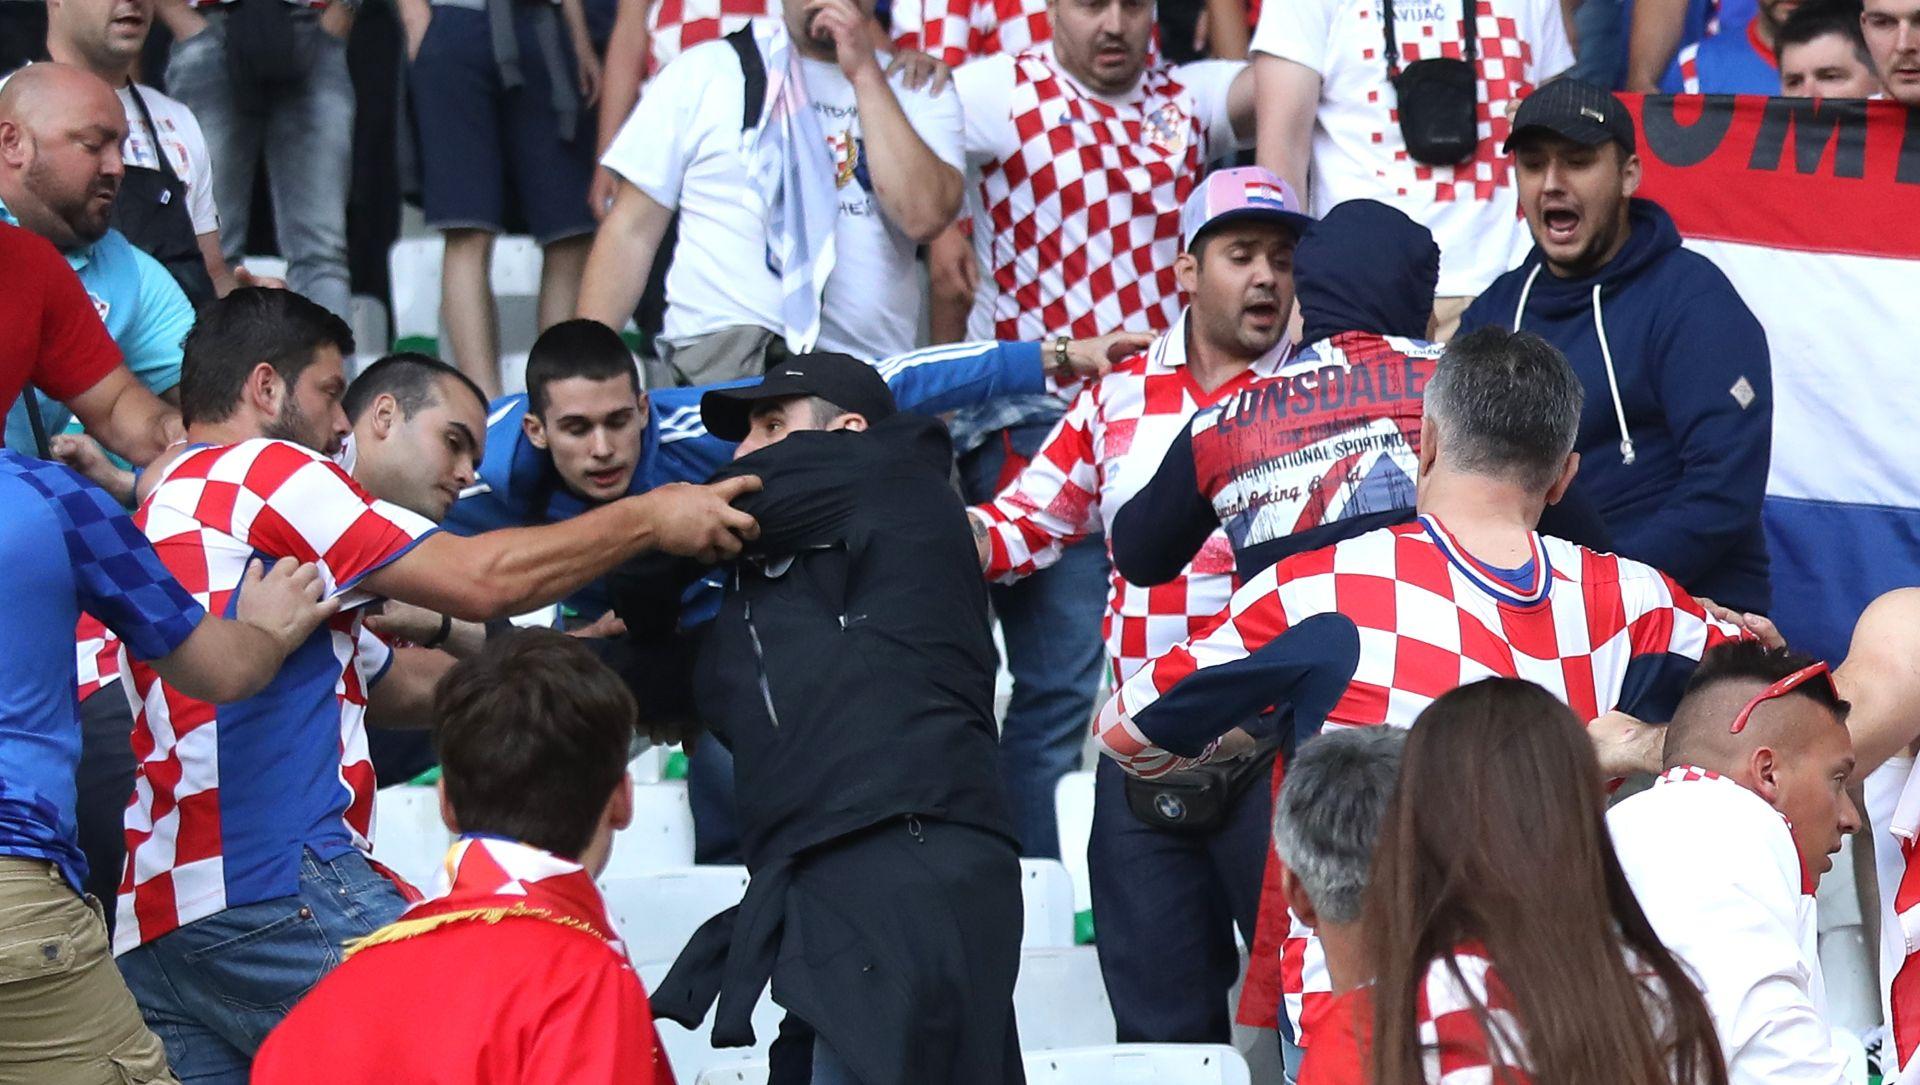 POSTUPAK I ZBOG RASISTIČKOG PONAŠANJA Odluku o kazni UEFA-e Hrvatska će saznati 20. lipnja